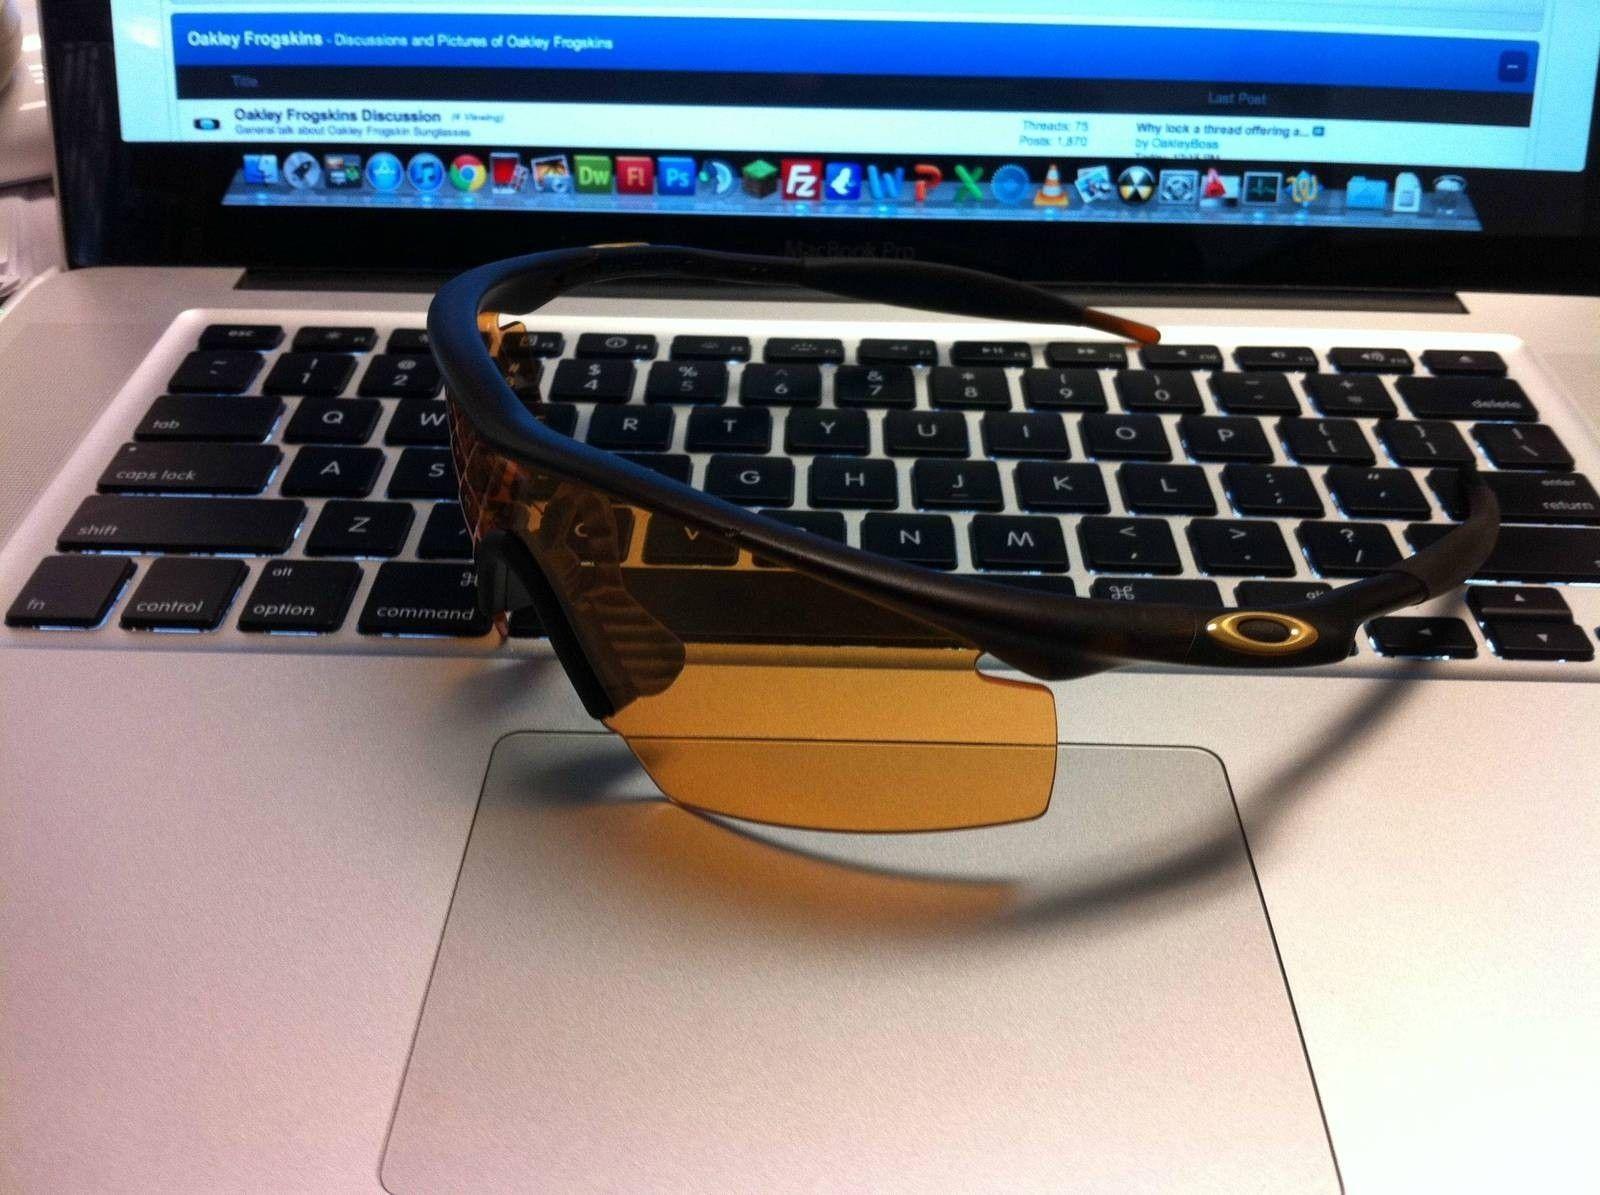 Oakley Collection - 5Ao62.jpg